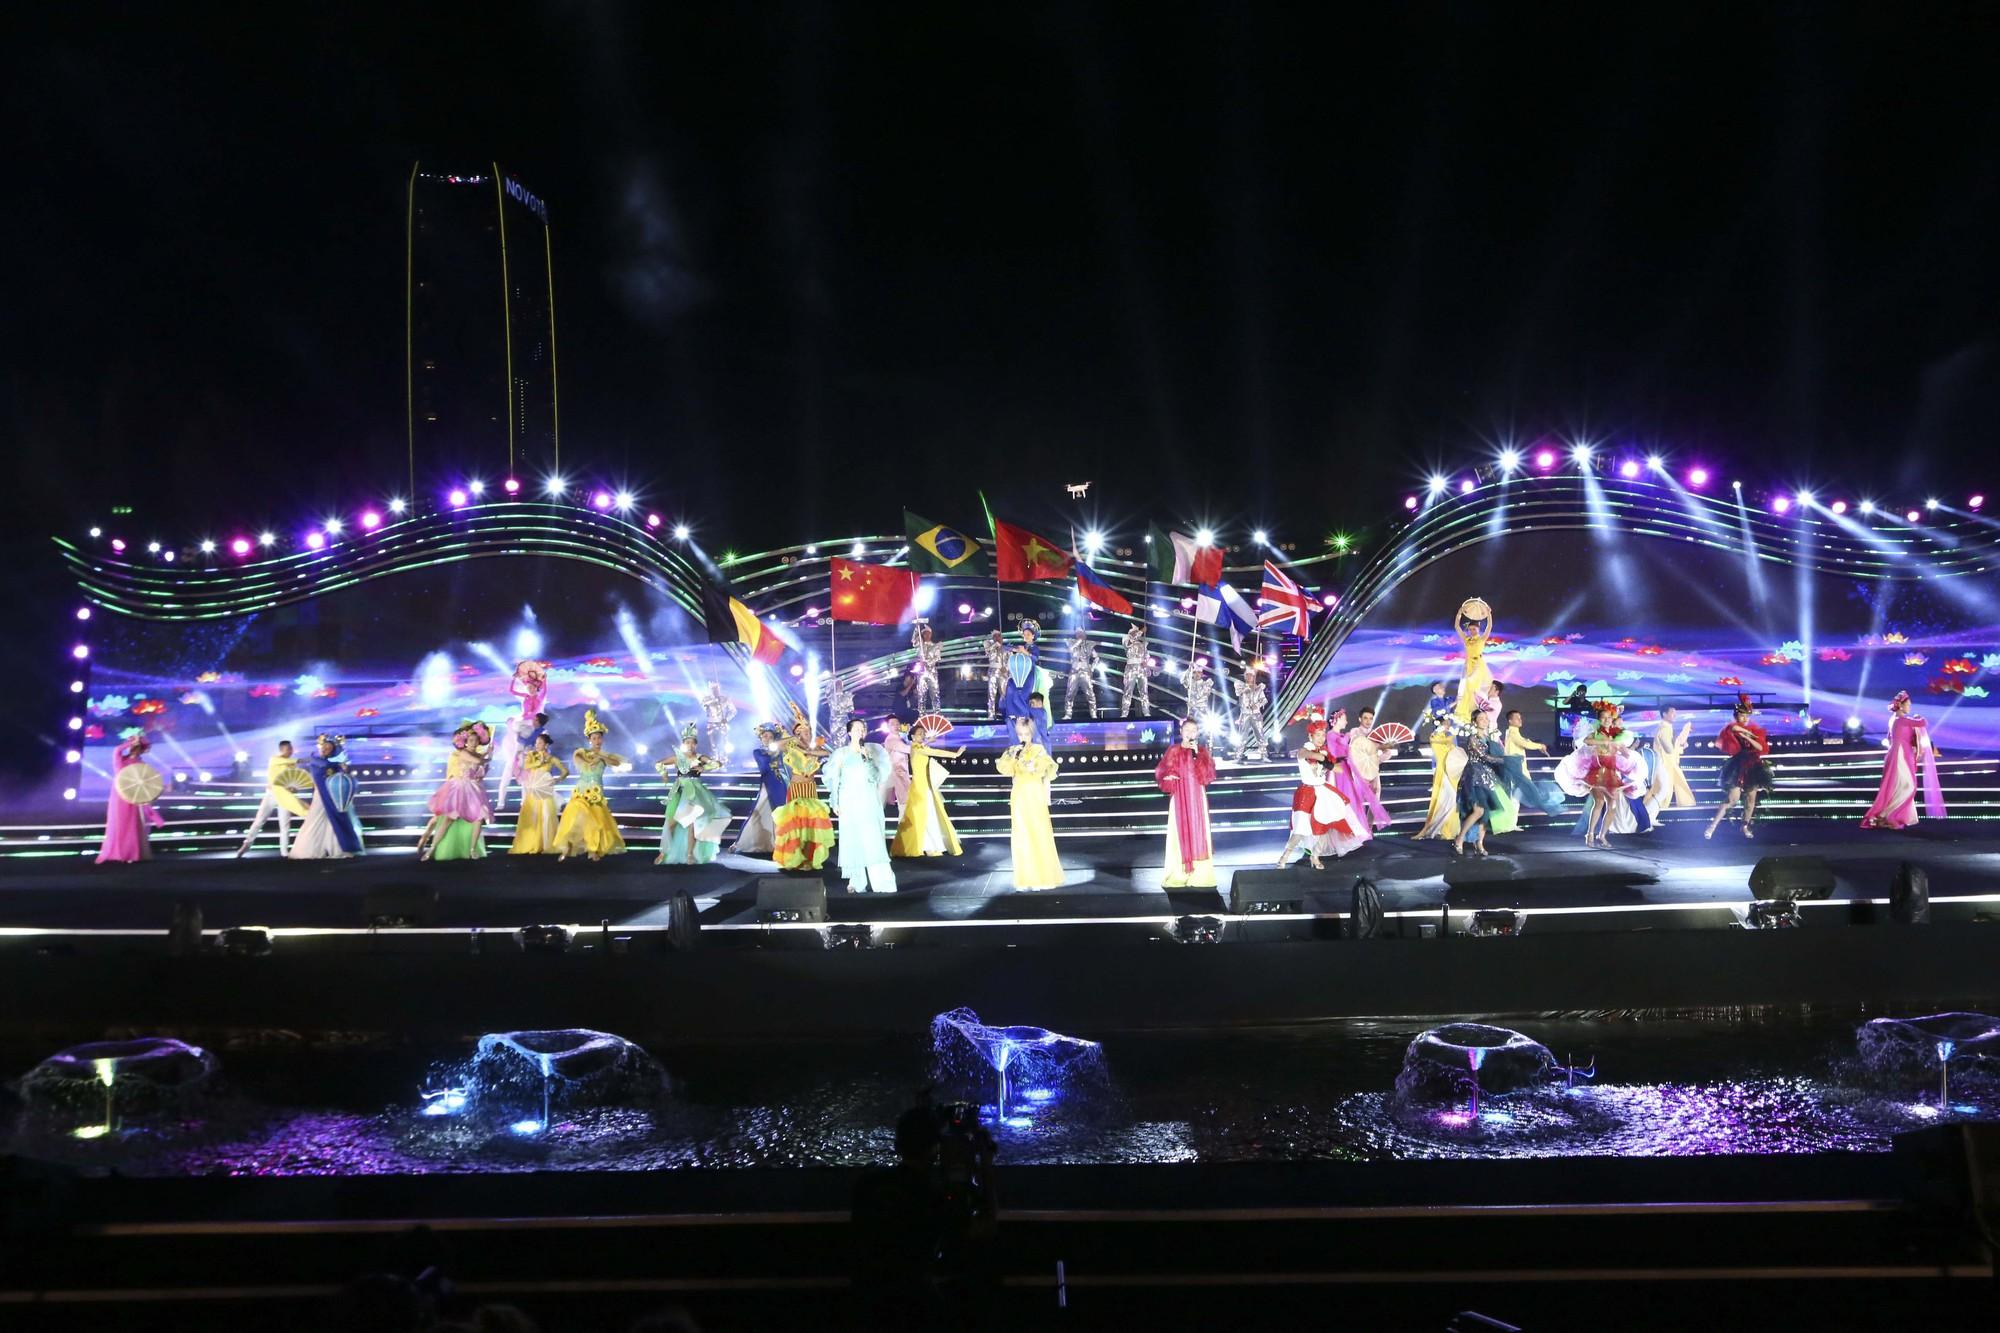 Hé lộ những thông tin khủng trước giờ khai mạc pháo hoa quốc tế Đà Nẵng 2019 - Ảnh 2.